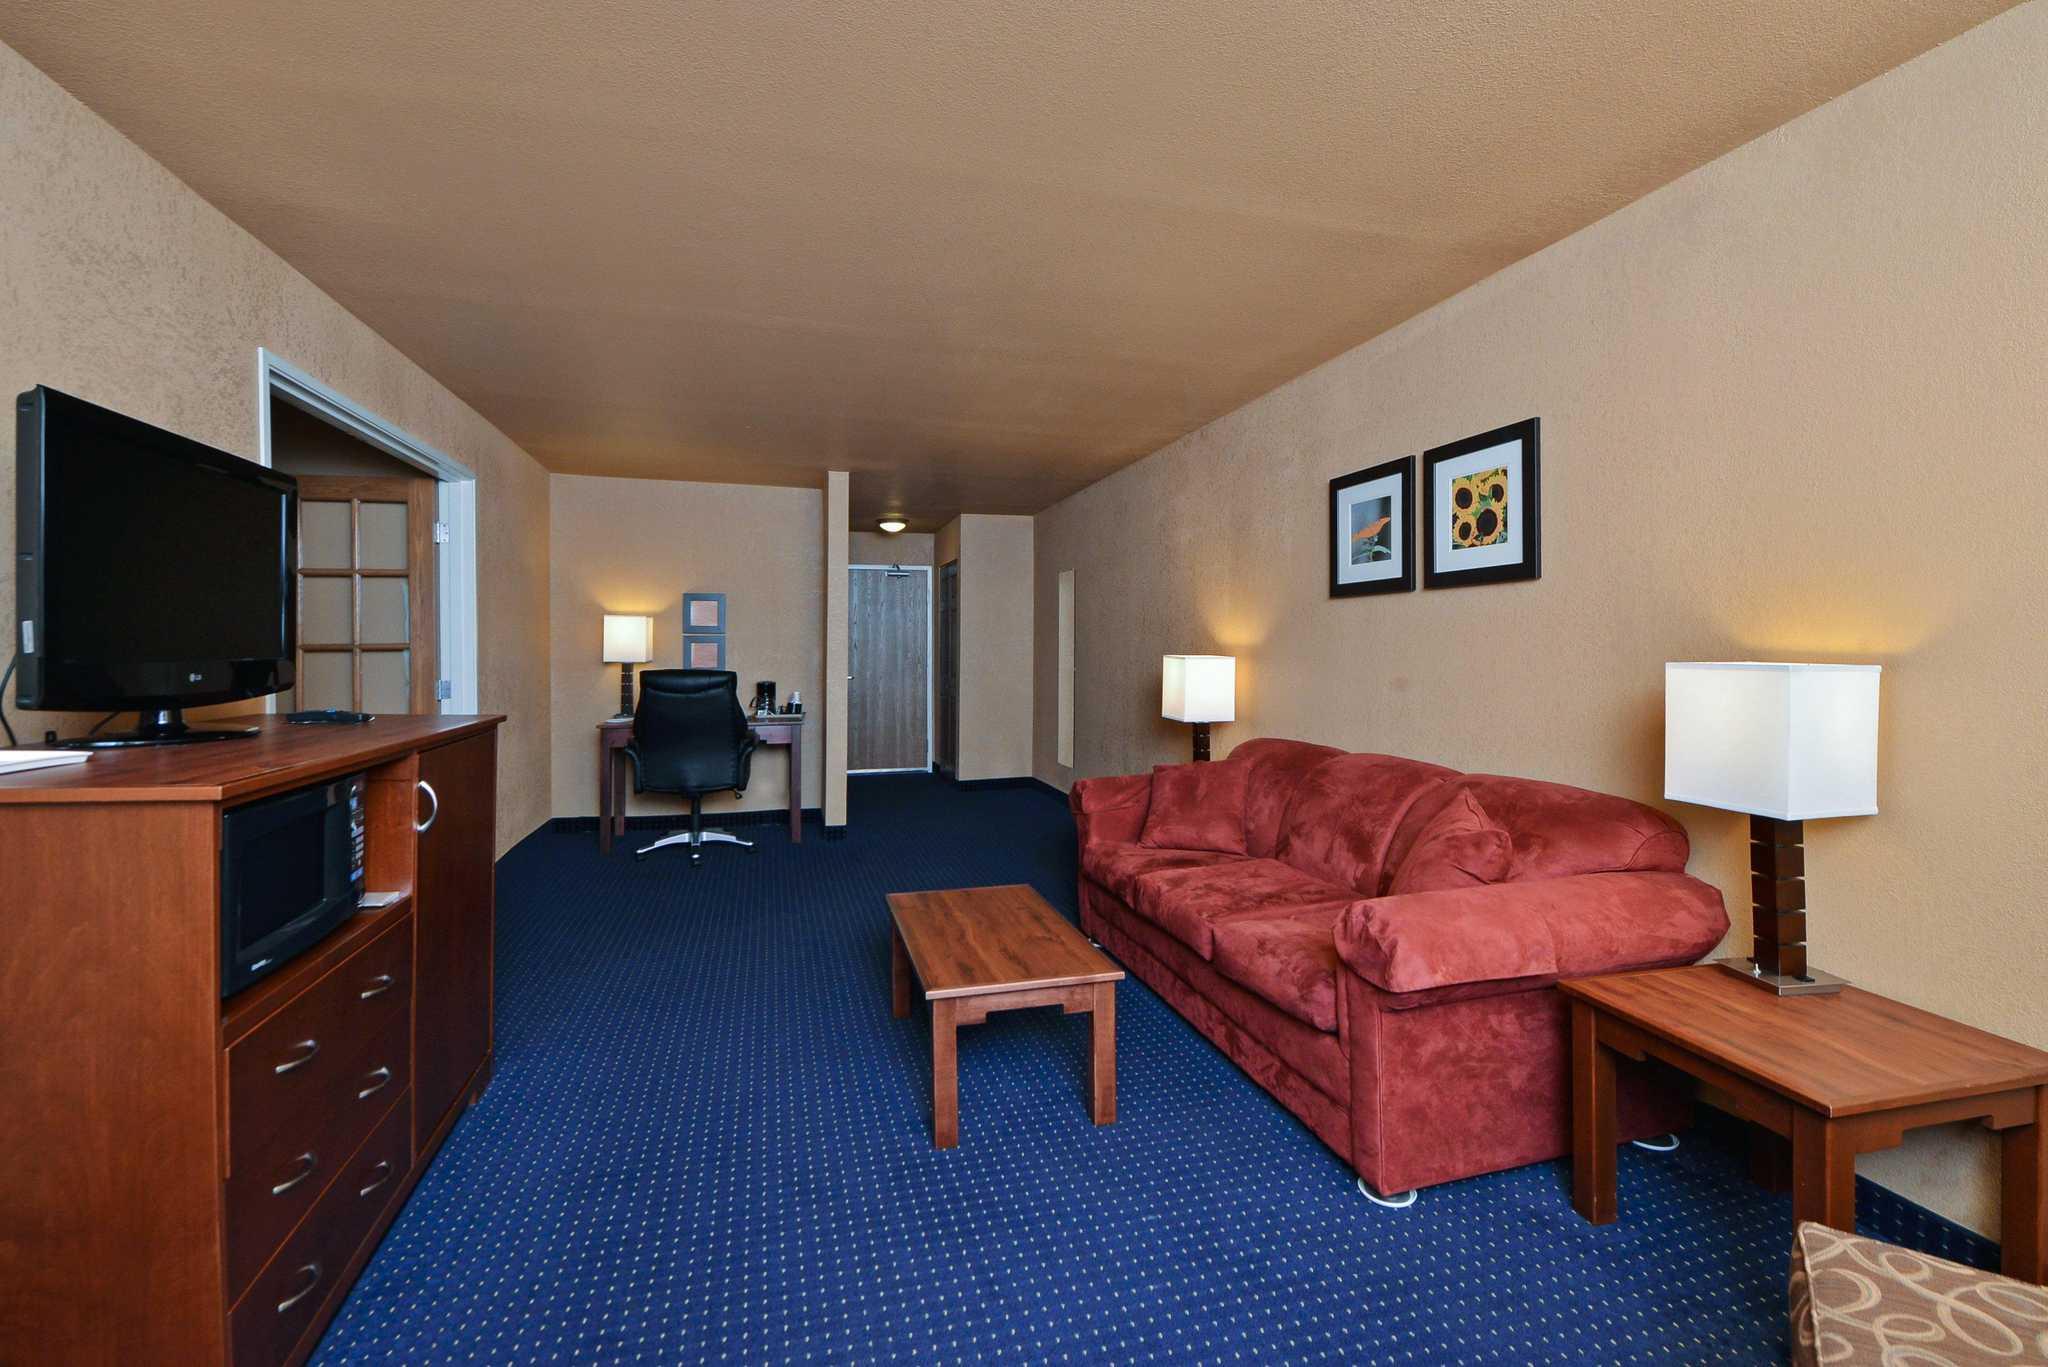 Comfort Inn image 8